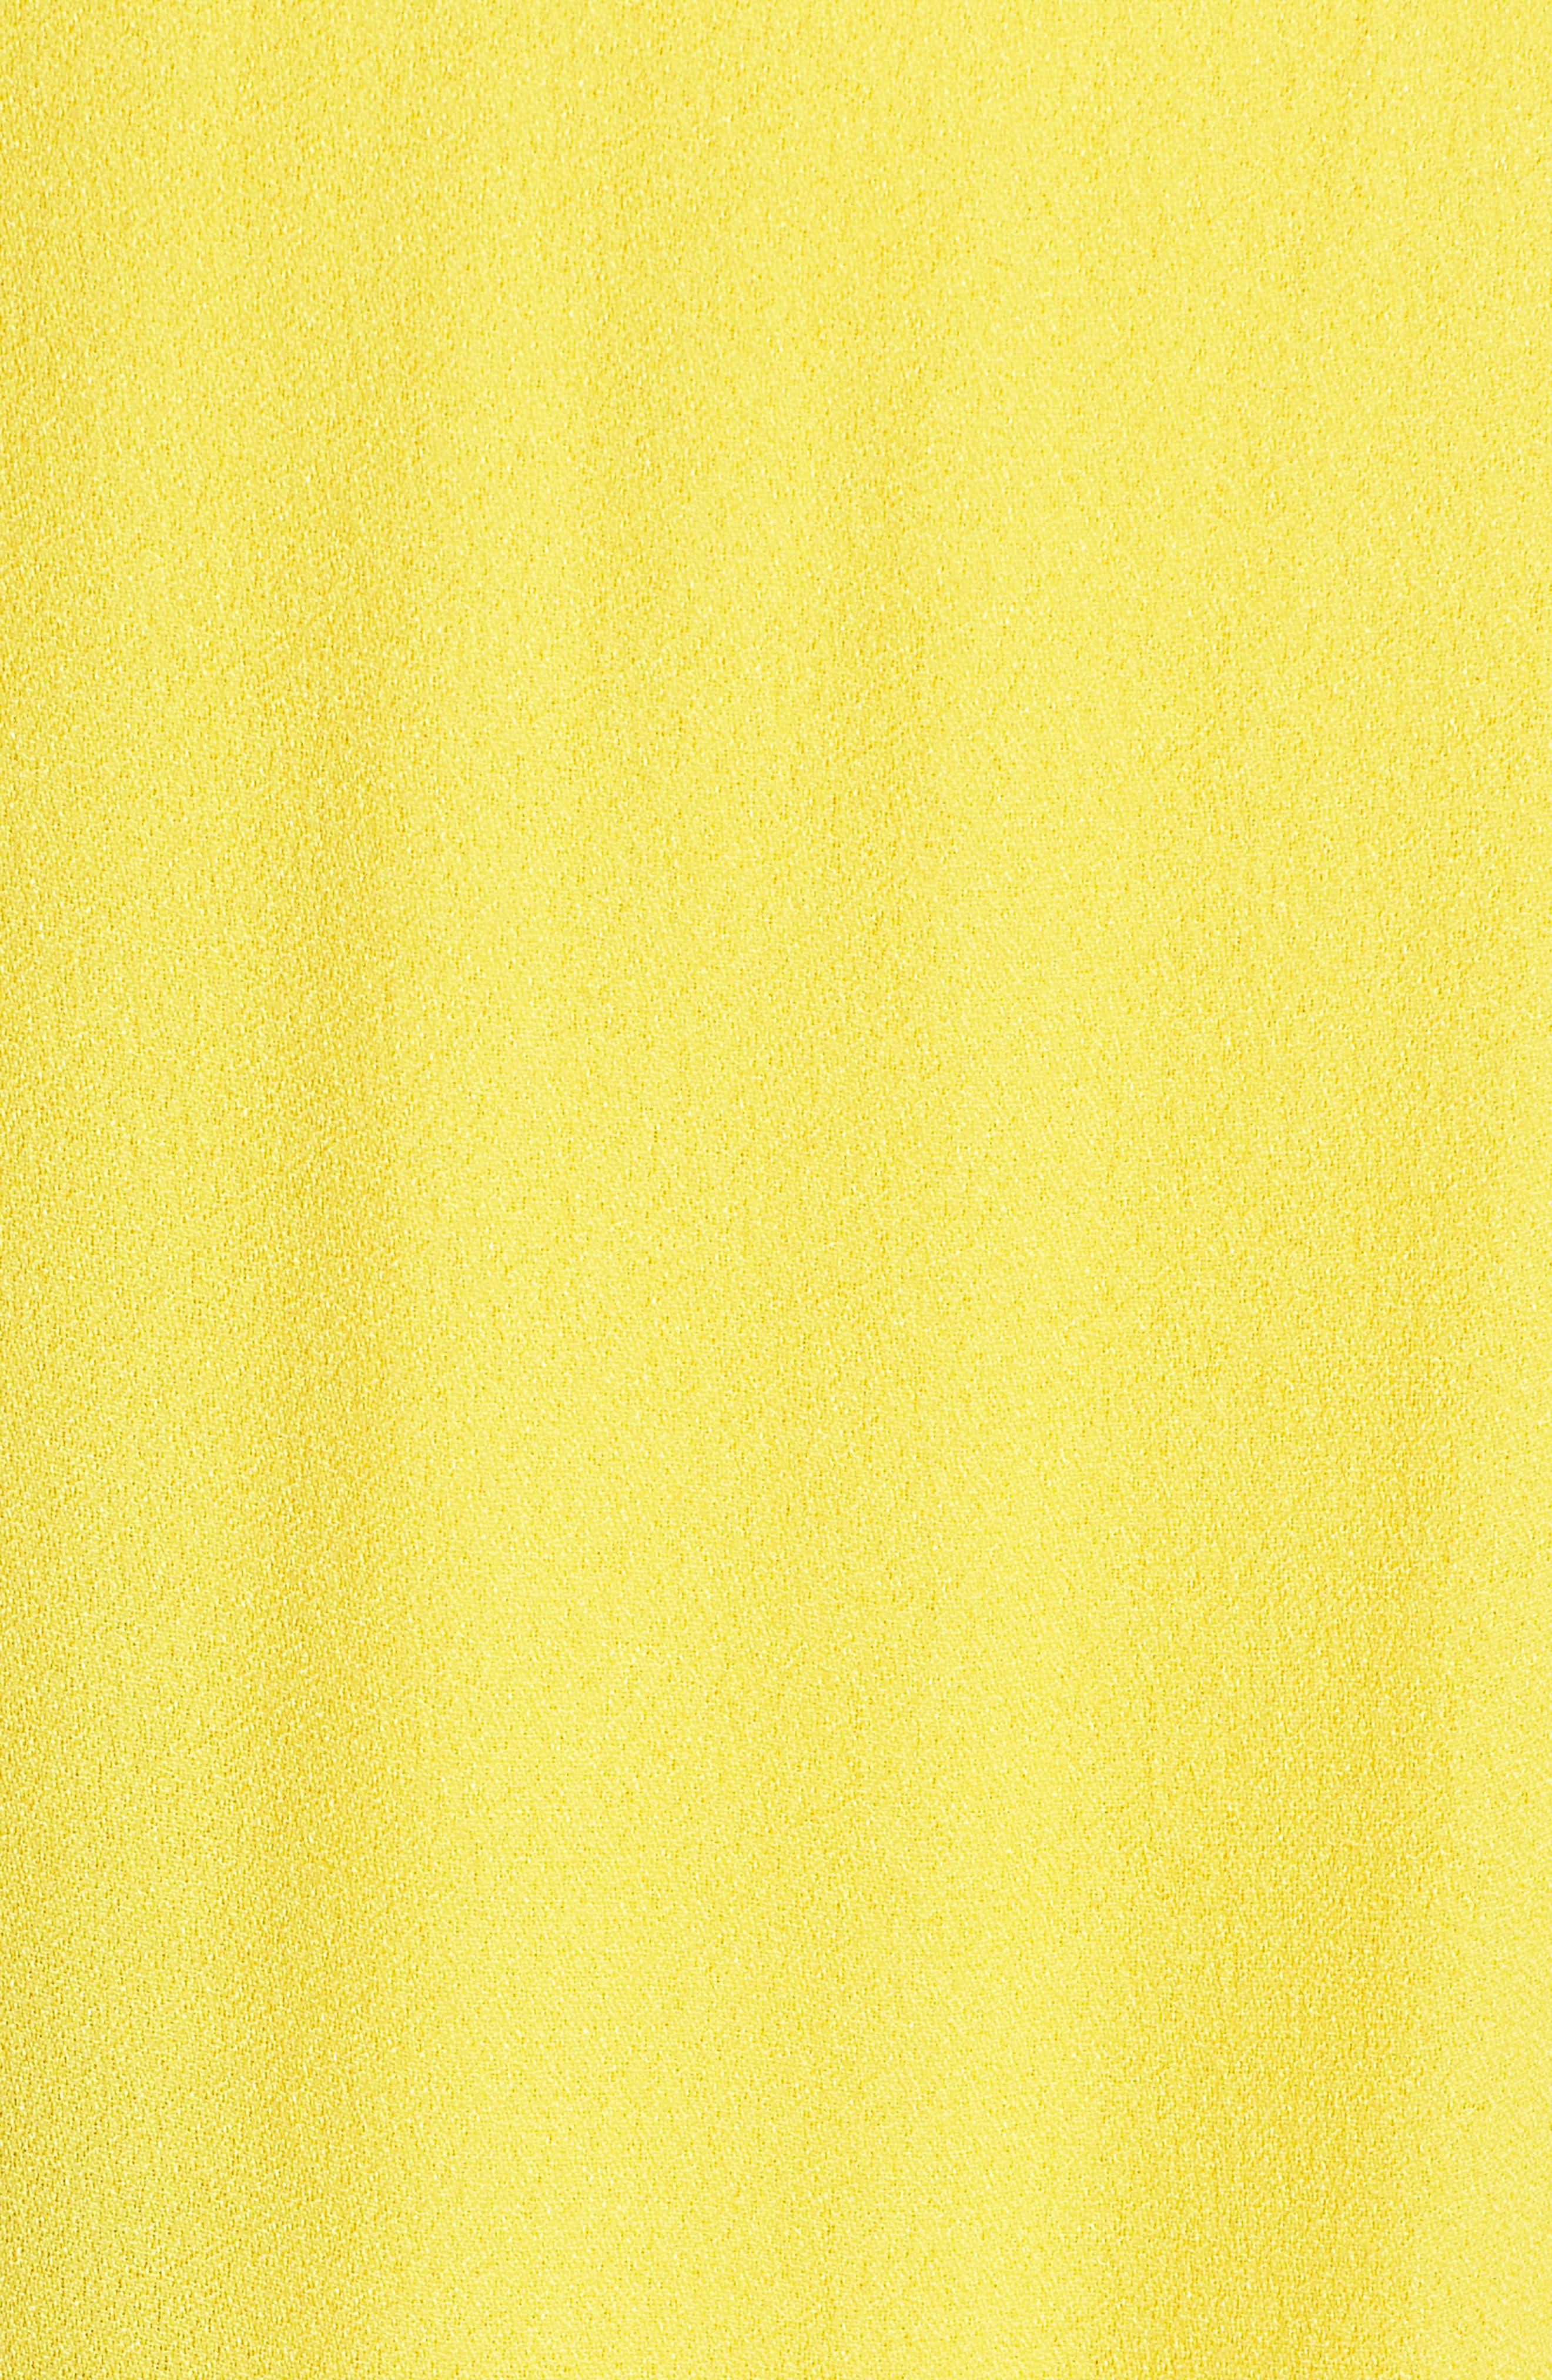 Rain Maxi Dress,                             Alternate thumbnail 6, color,                             710